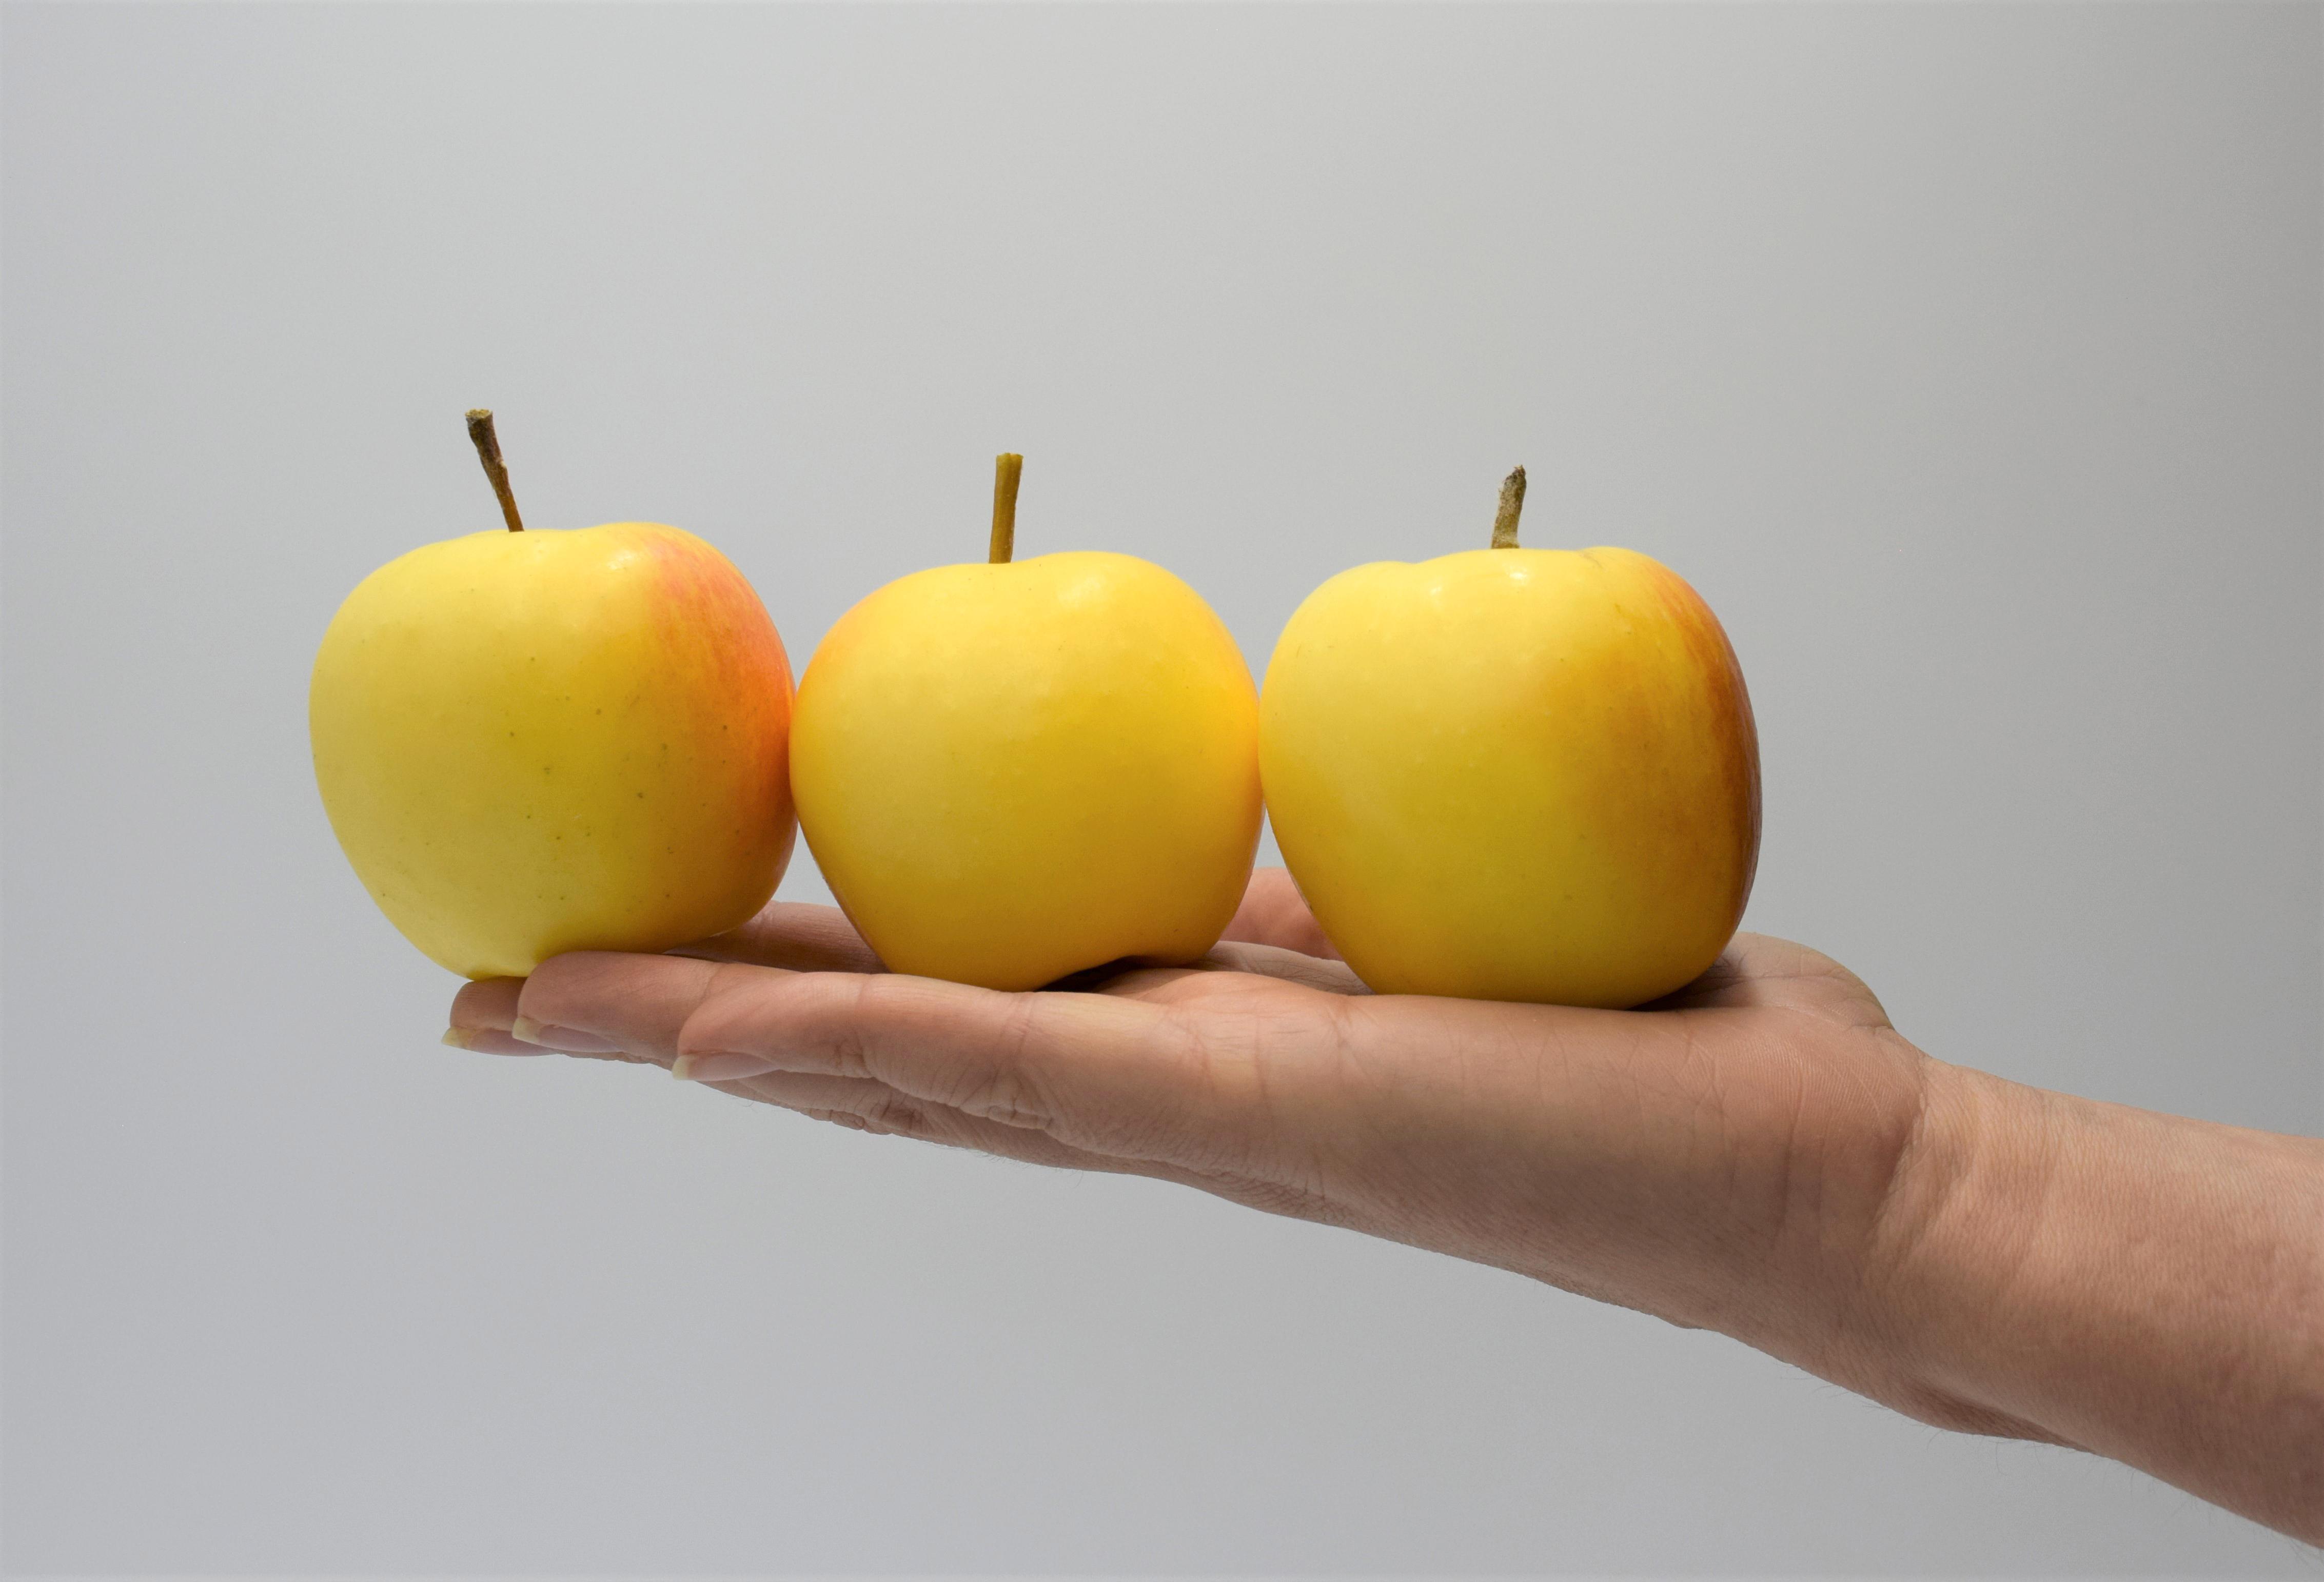 Manzanas snack, nuevo proyecto de Rivoira, VI.P y VOG